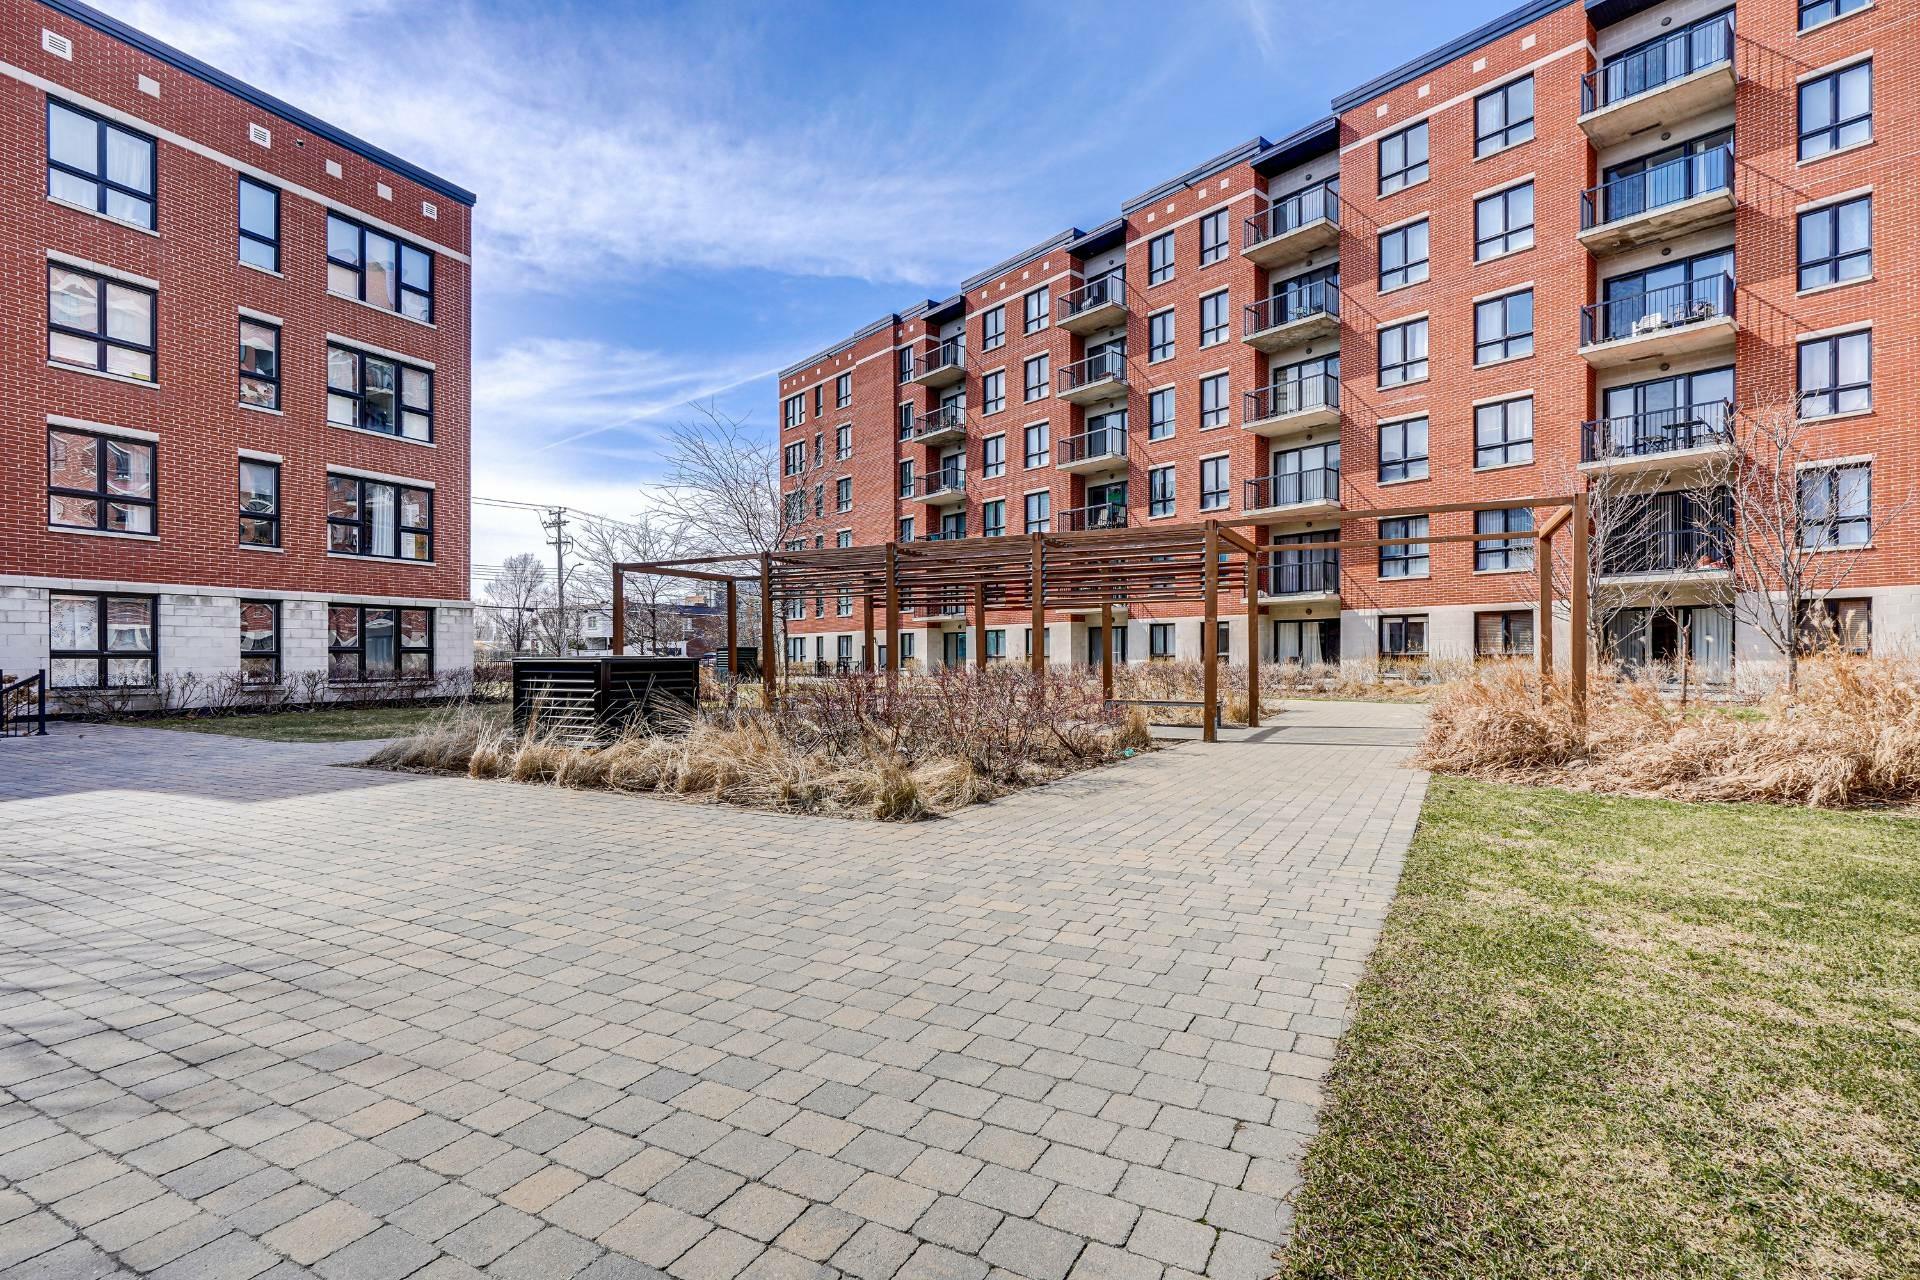 image 24 - Appartement À vendre Saint-Laurent Montréal  - 7 pièces